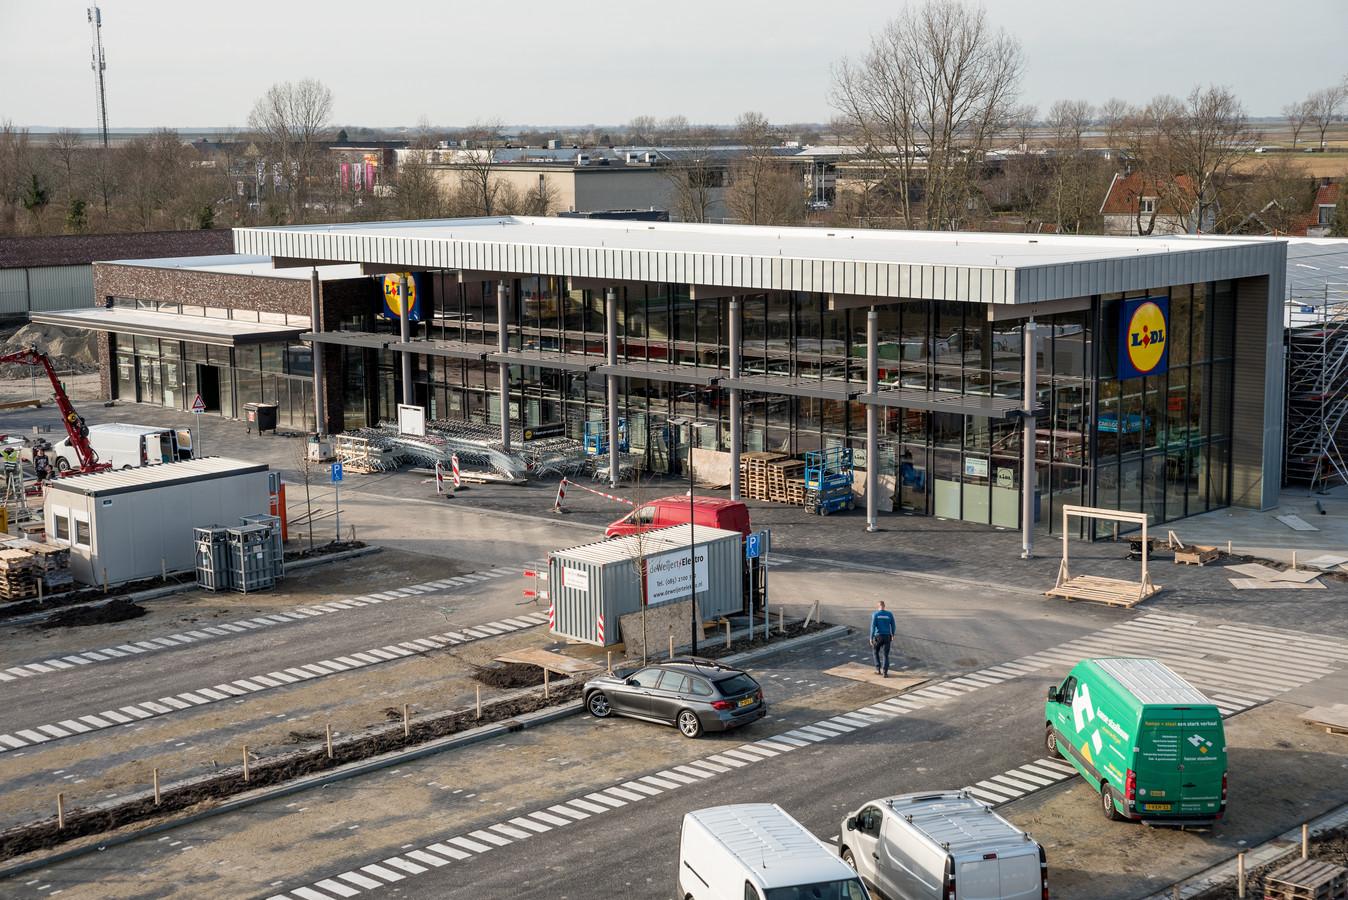 De laatste hand wordt gelegd aan de nieuwe Lidl op het Haringvlietplein in Zierikzee. In het lagere deel links komen Bakkerij Bunt en slijterij World of Drinks terug. Daarnaast begint de nieuwbouw van Albert Heijn, die naar verwachting in september opent.